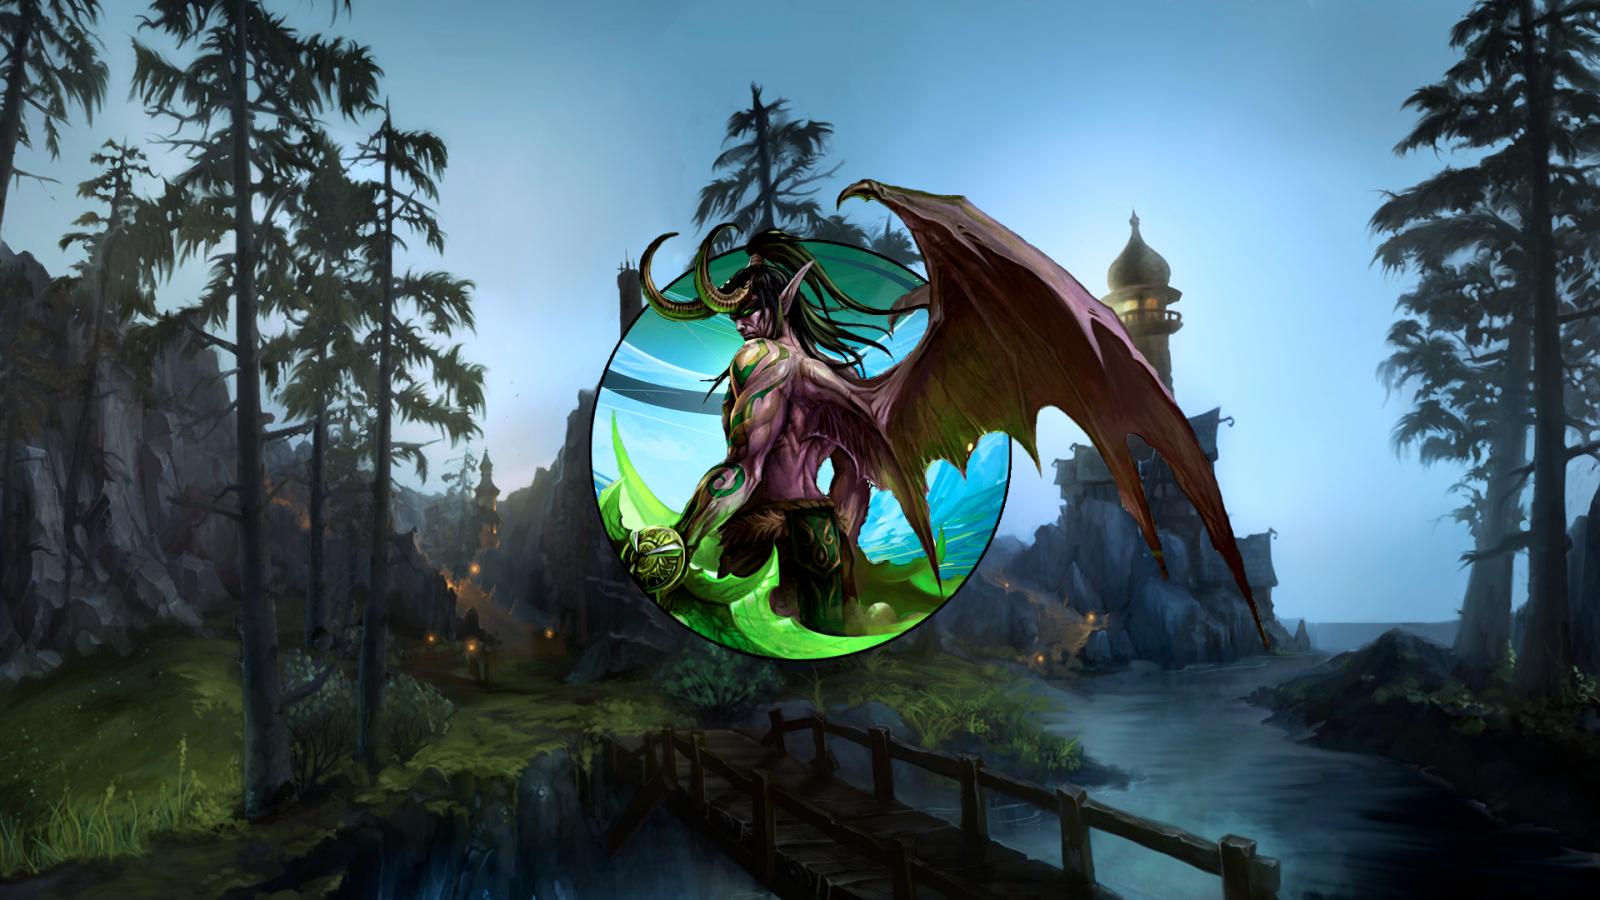 Jungle Wallpaper World Of Warcraft: Wallpaper : World Of Warcraft, Dragon, Jungle, Illidan